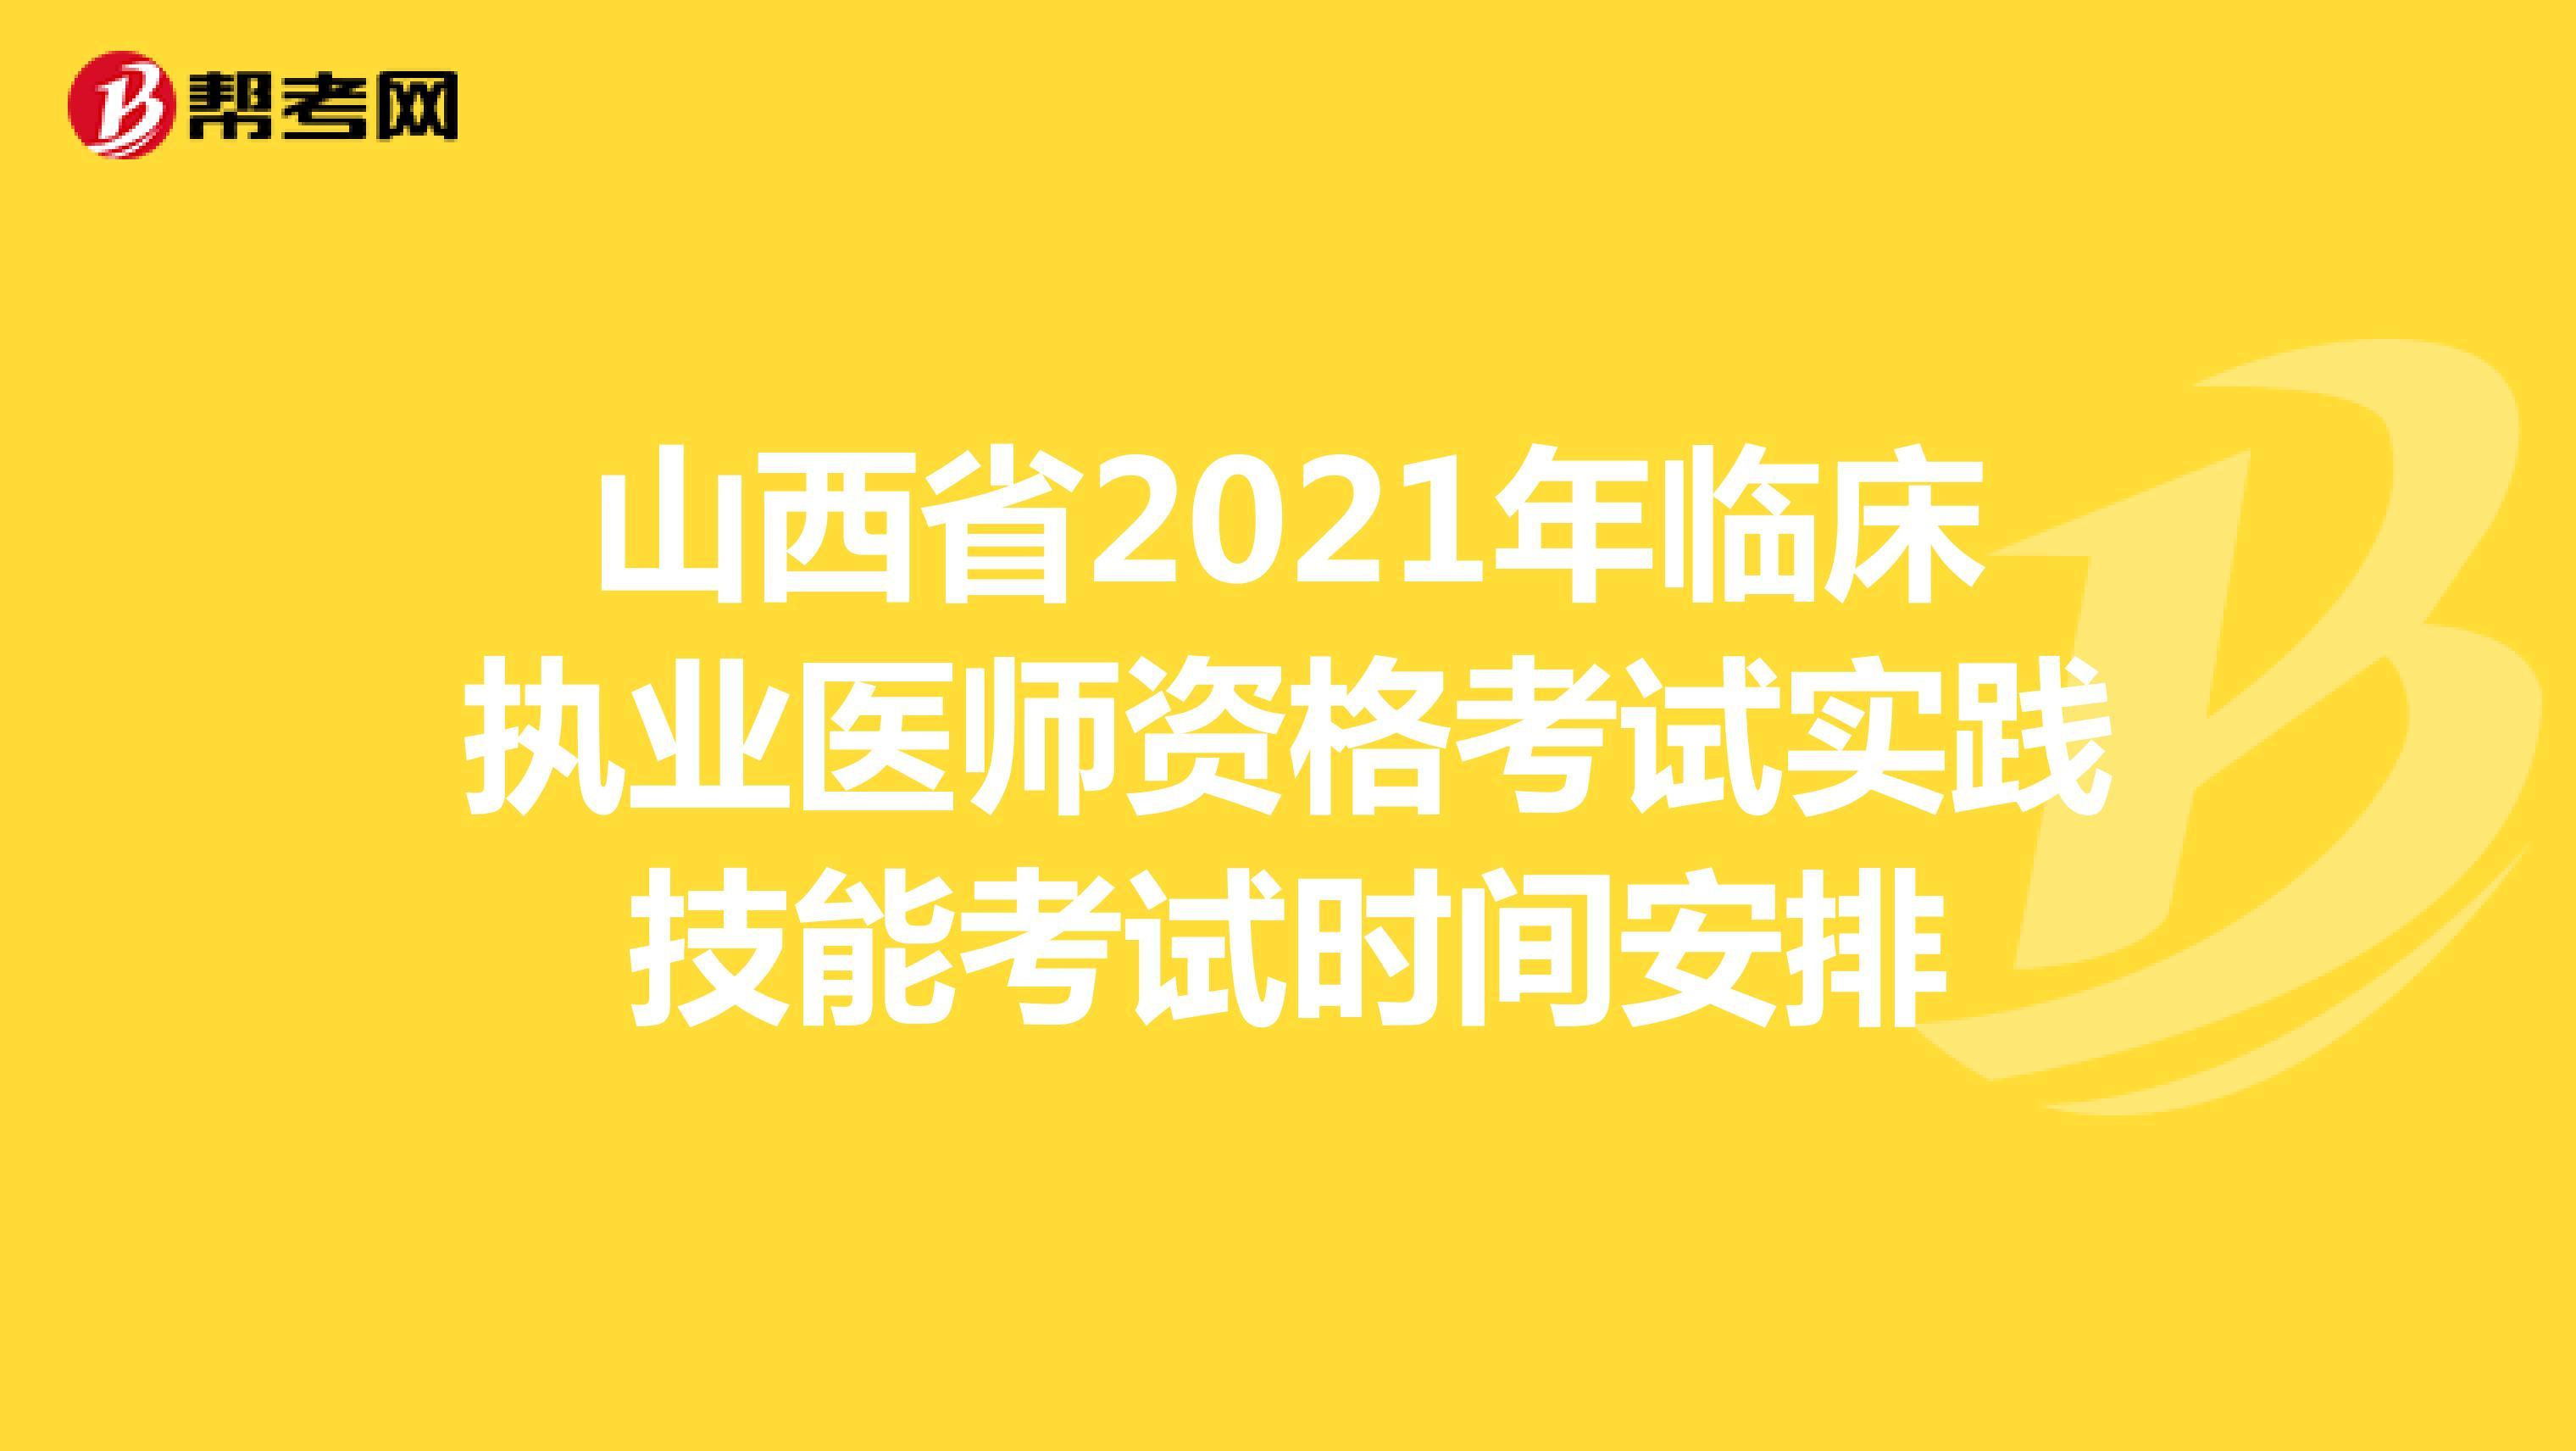 山西省2021年临床执业医师资格考试实践技能考试时间安排